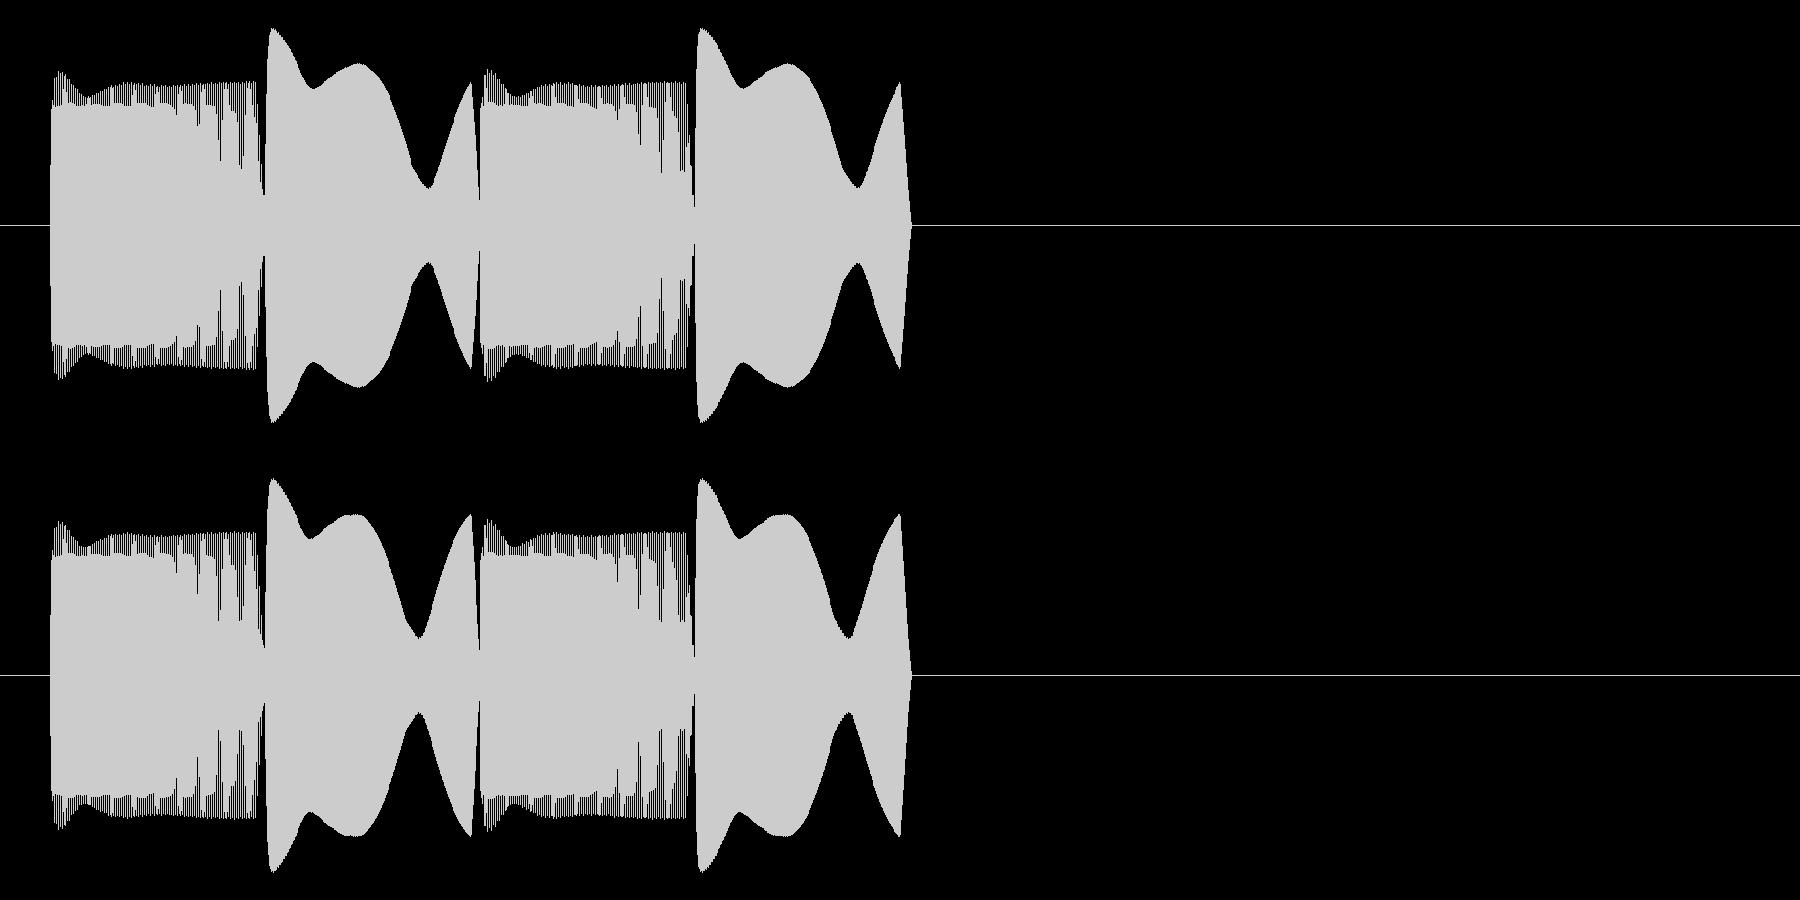 ピコピコ(エラー・アラート音)ver2の未再生の波形